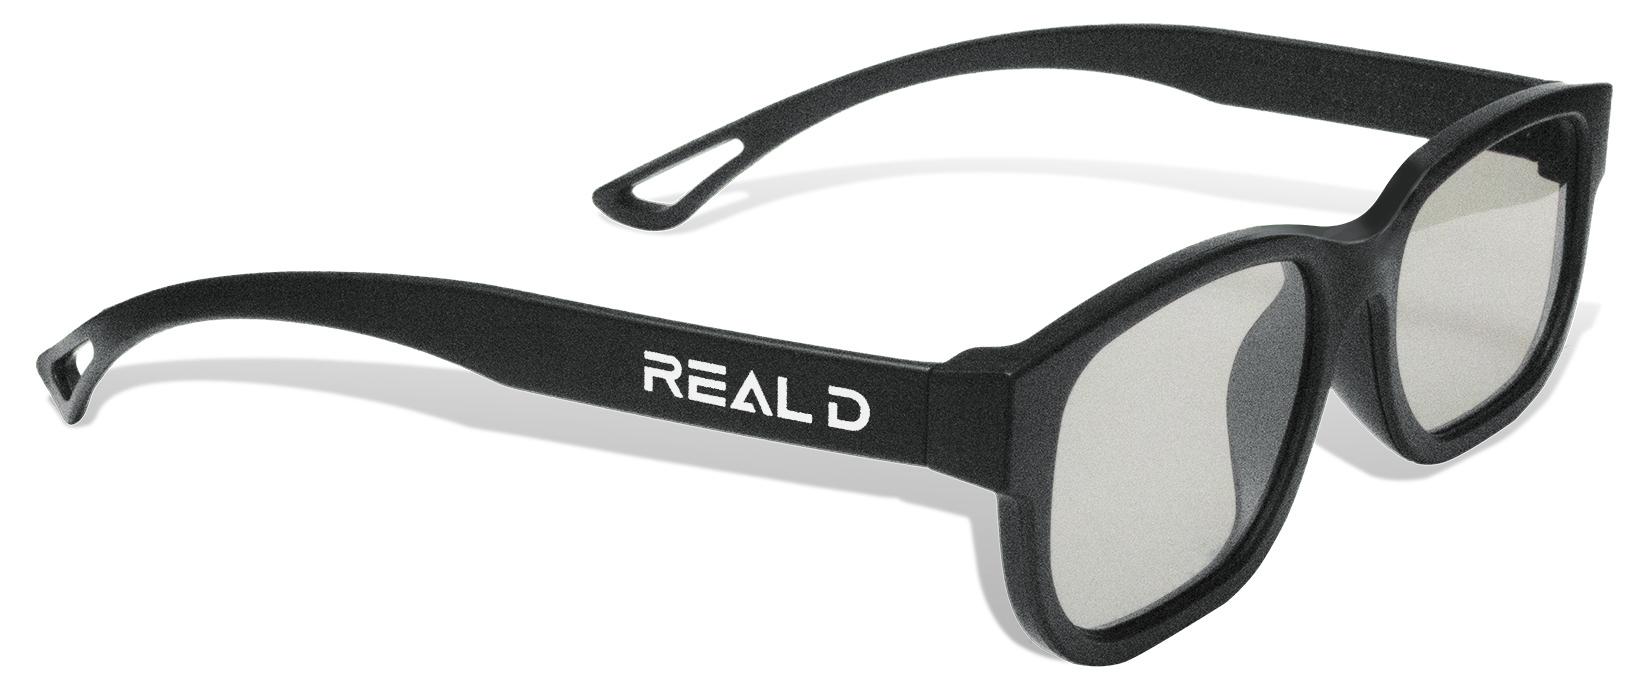 Black_3D_Real_D_Glasses.jpg